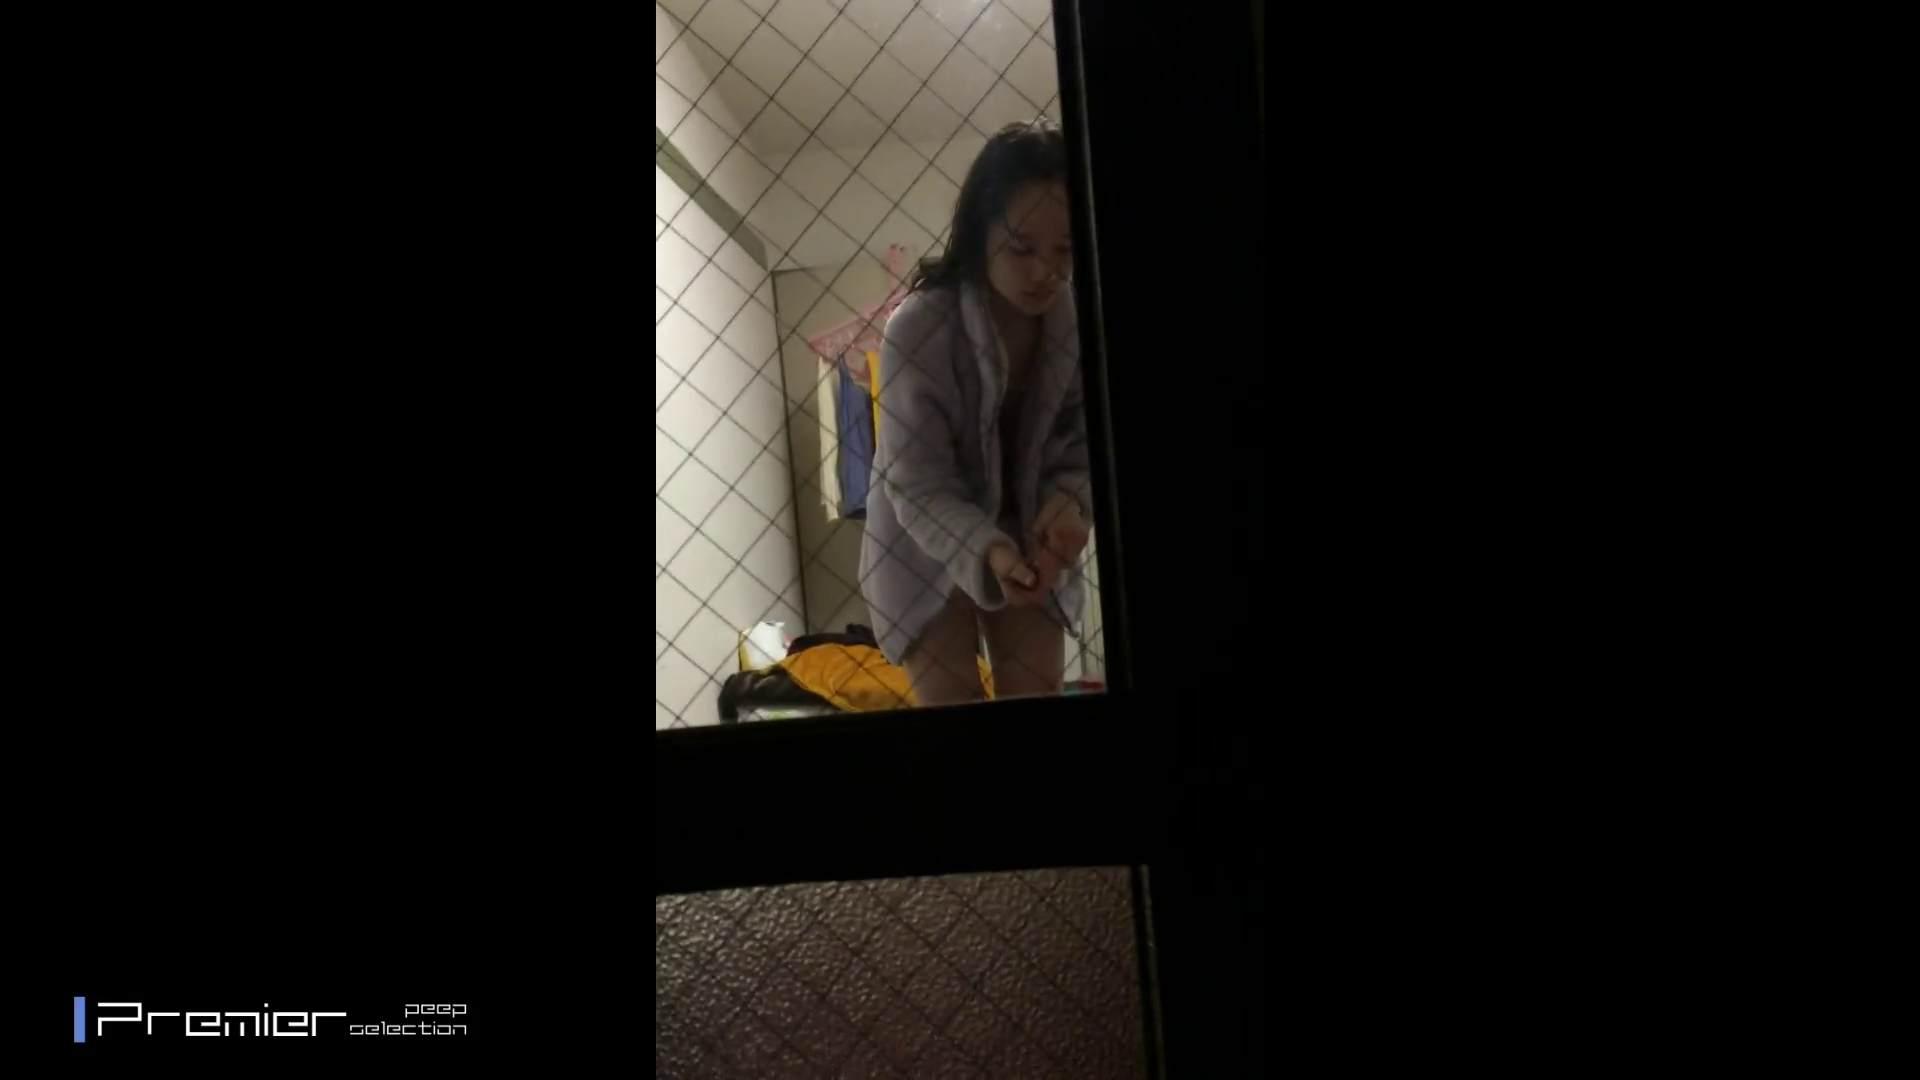 美女達の私生活に潜入!★帰ってきたS級女子大生★未公開の私生活 高画質動画 オメコ動画キャプチャ 79画像 15